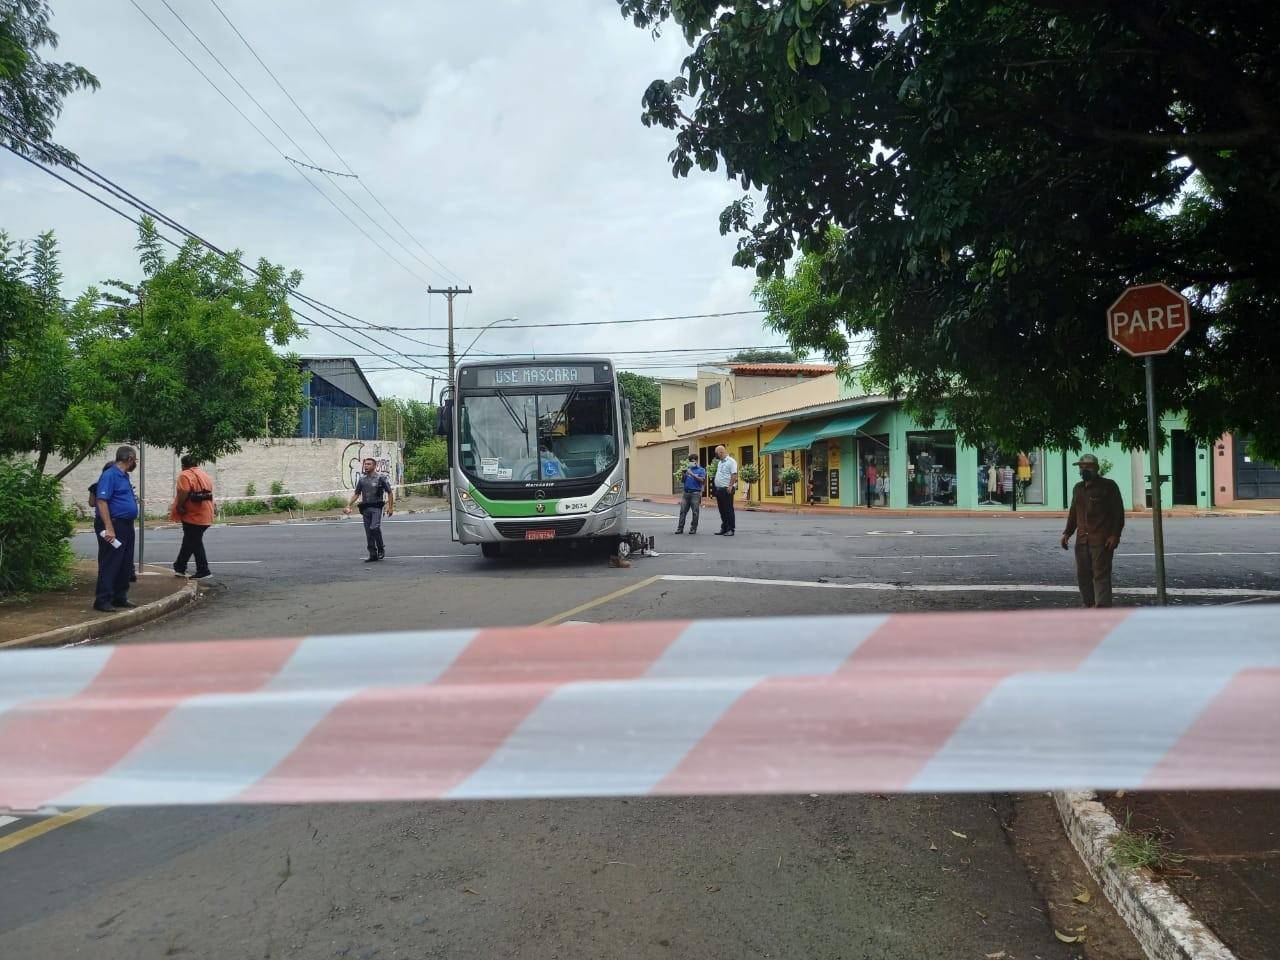 Motociclista fica ferido após se envolver em acidente com ônibus em Ribeirão Preto, SP